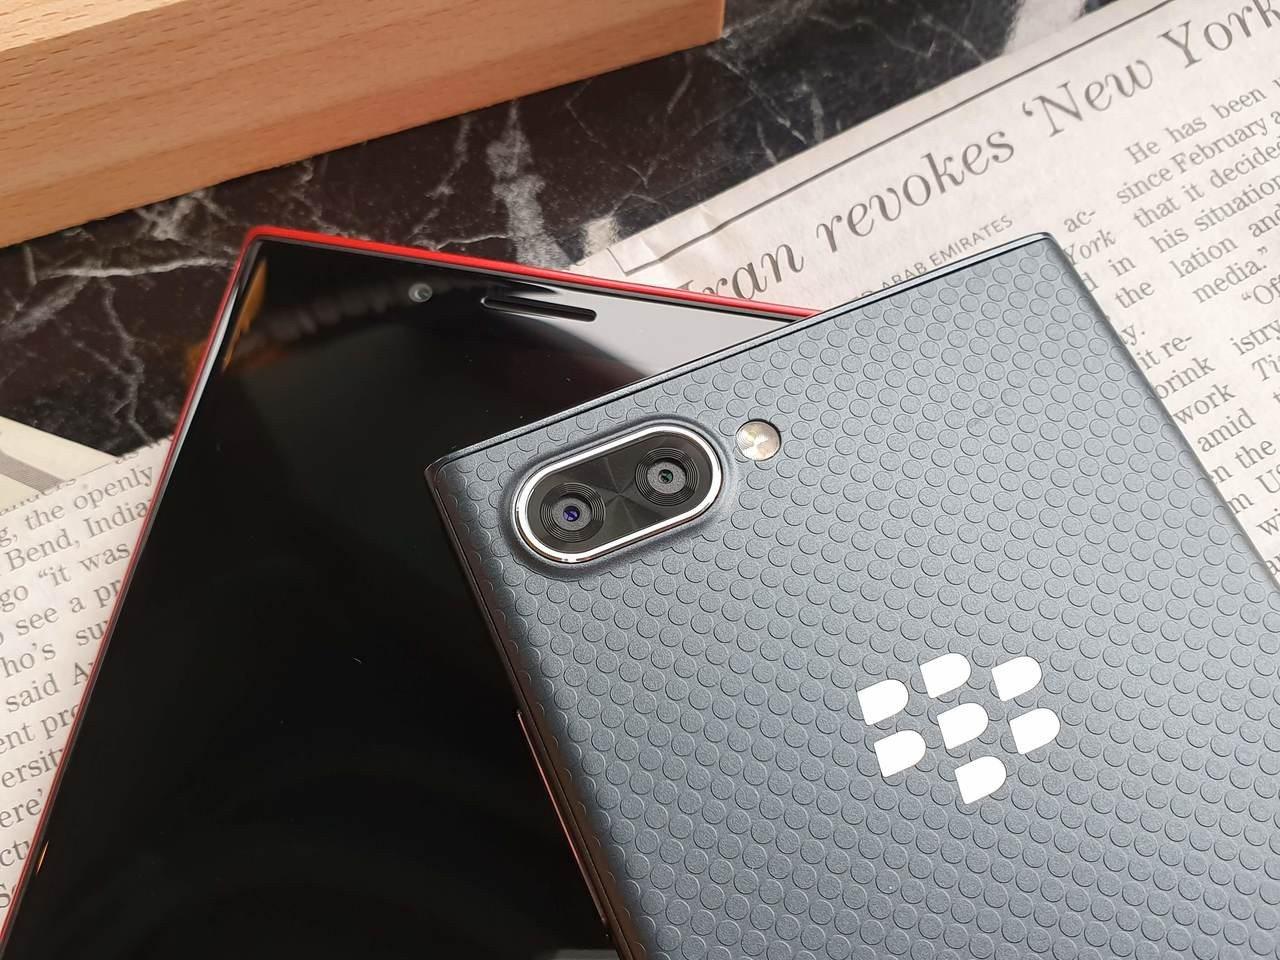 後置雙相機支援人像模式,還支援使用Google Lens影像辨識功能。記者黃筱晴...